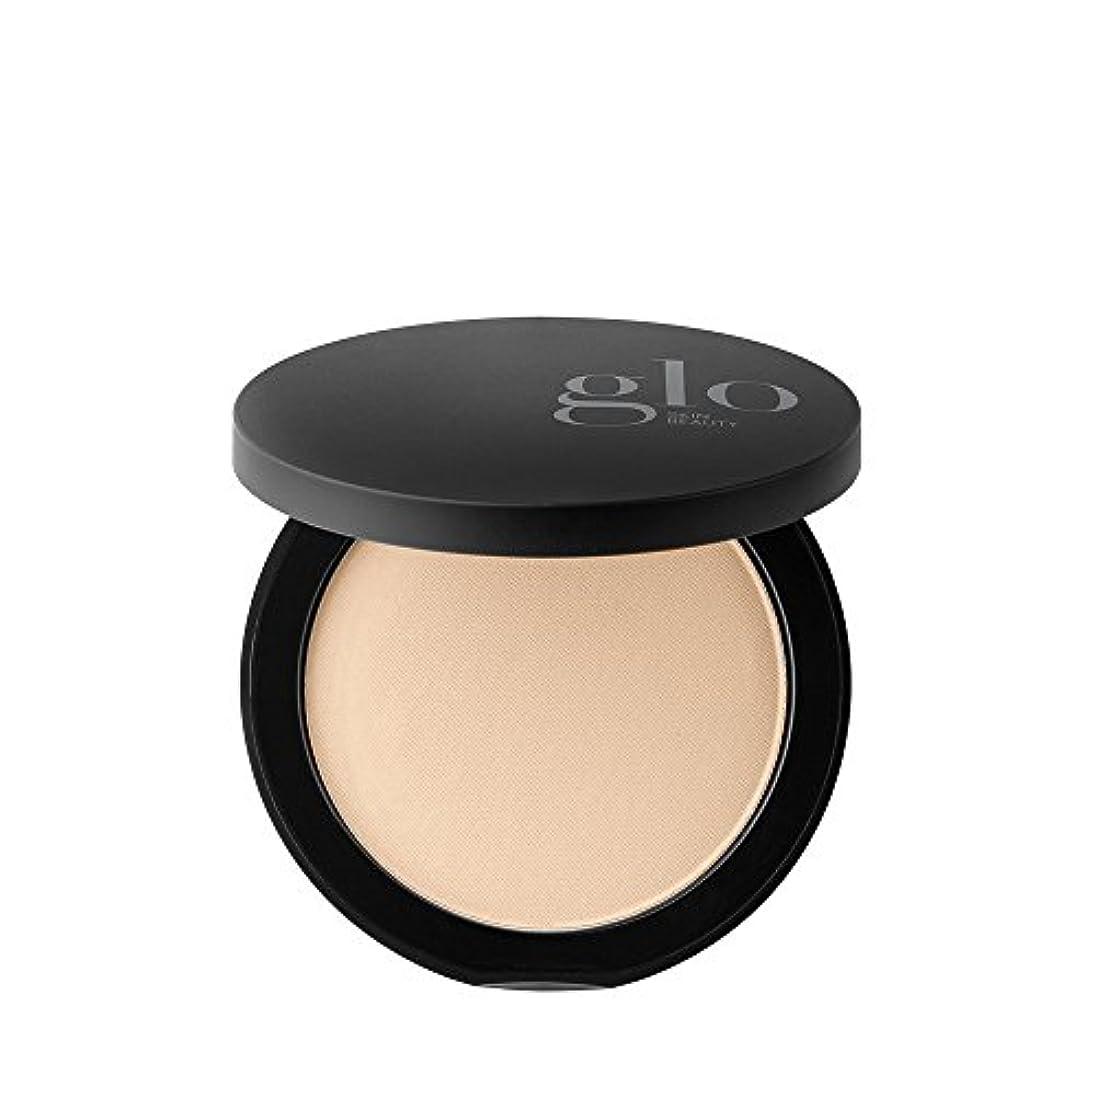 序文チラチラする意識的Glo Skin Beauty Pressed Base - # Natural Fair 9g/0.31oz並行輸入品